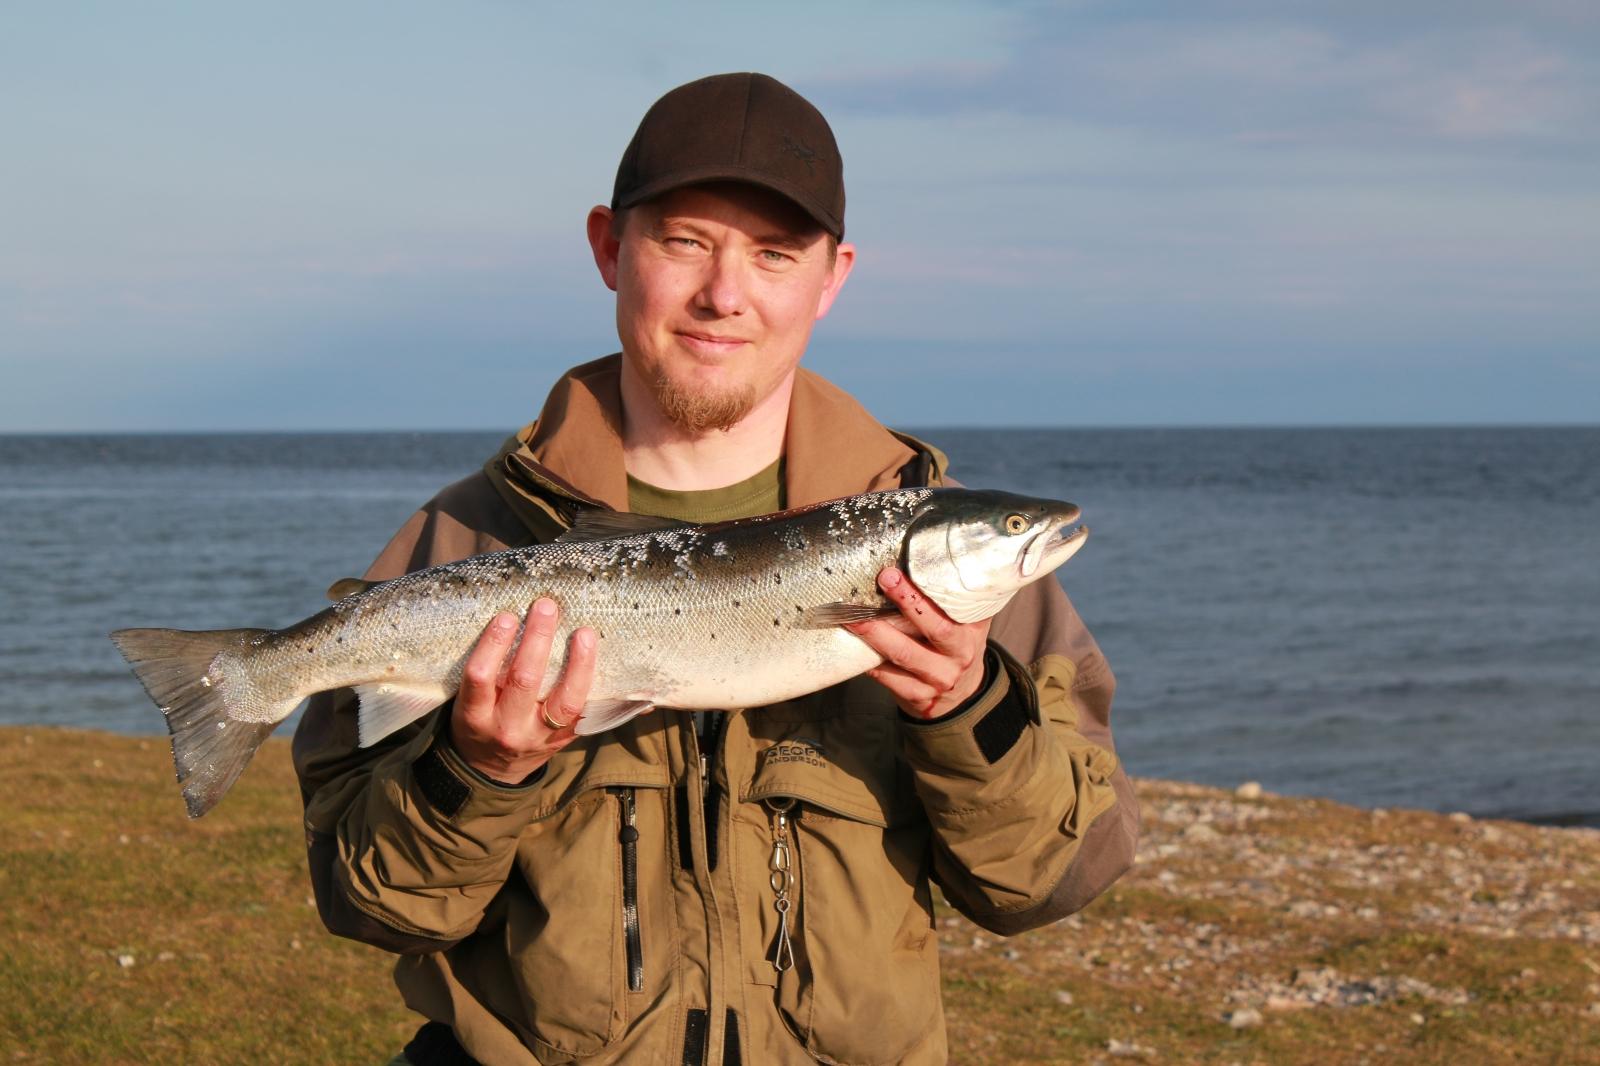 Havørred på 63 cm og 2.77 kg fra Sletterhage, Østjylland -  fanget på Snurrebassen nr 3 i sølv # 6622